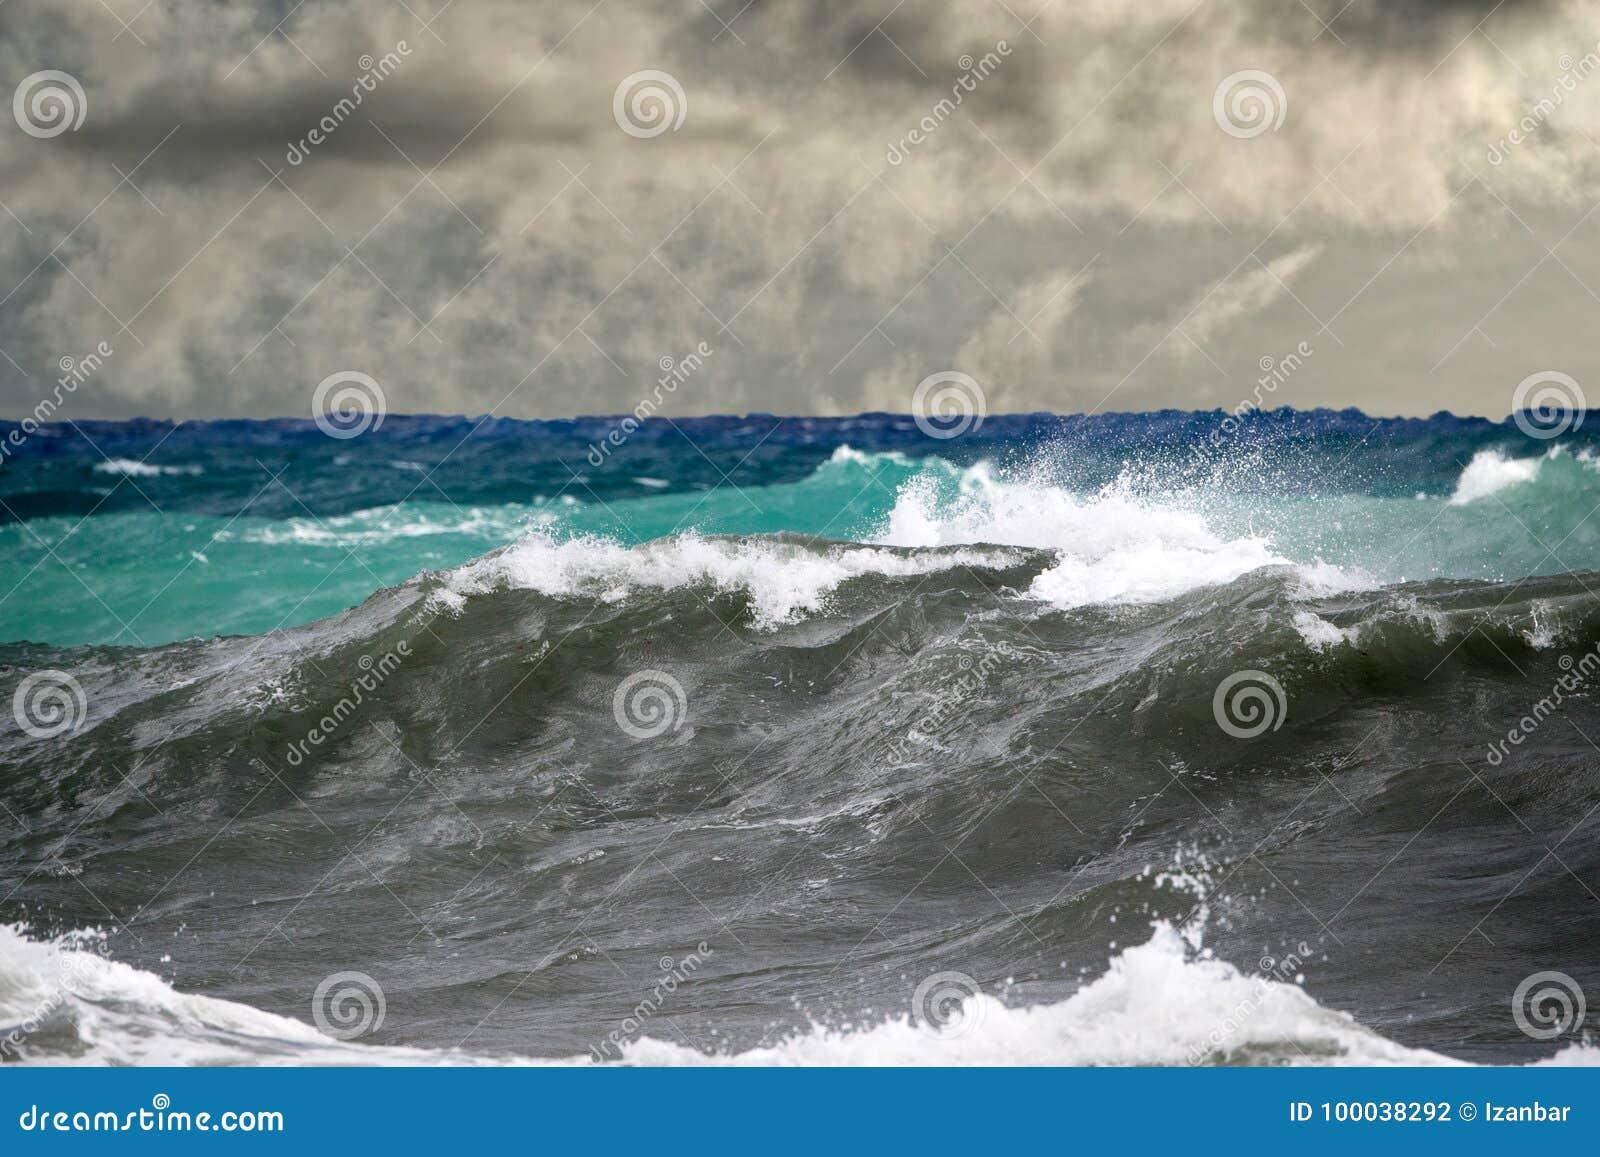 Furacão tropical do tsunami no mar